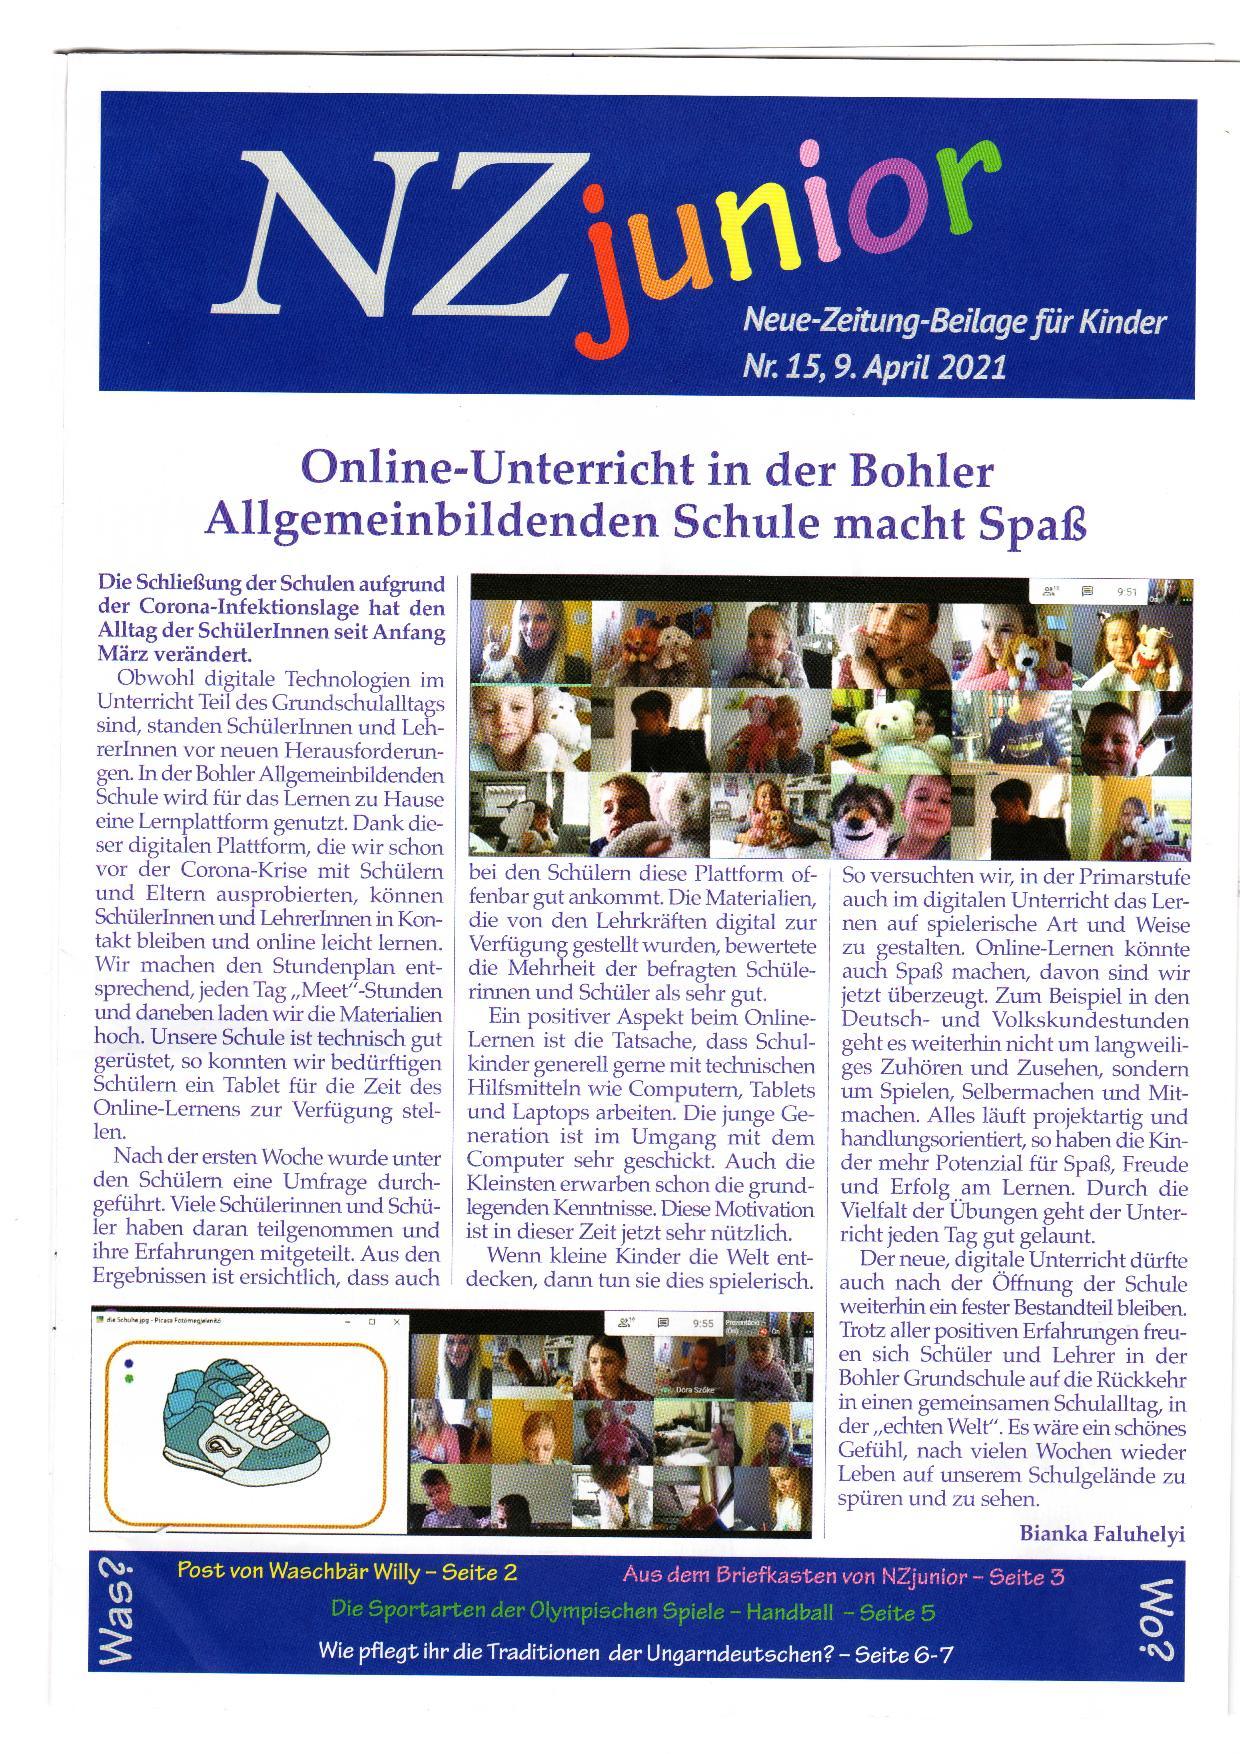 NZ Faluhelyi Bianka20210409-page-001